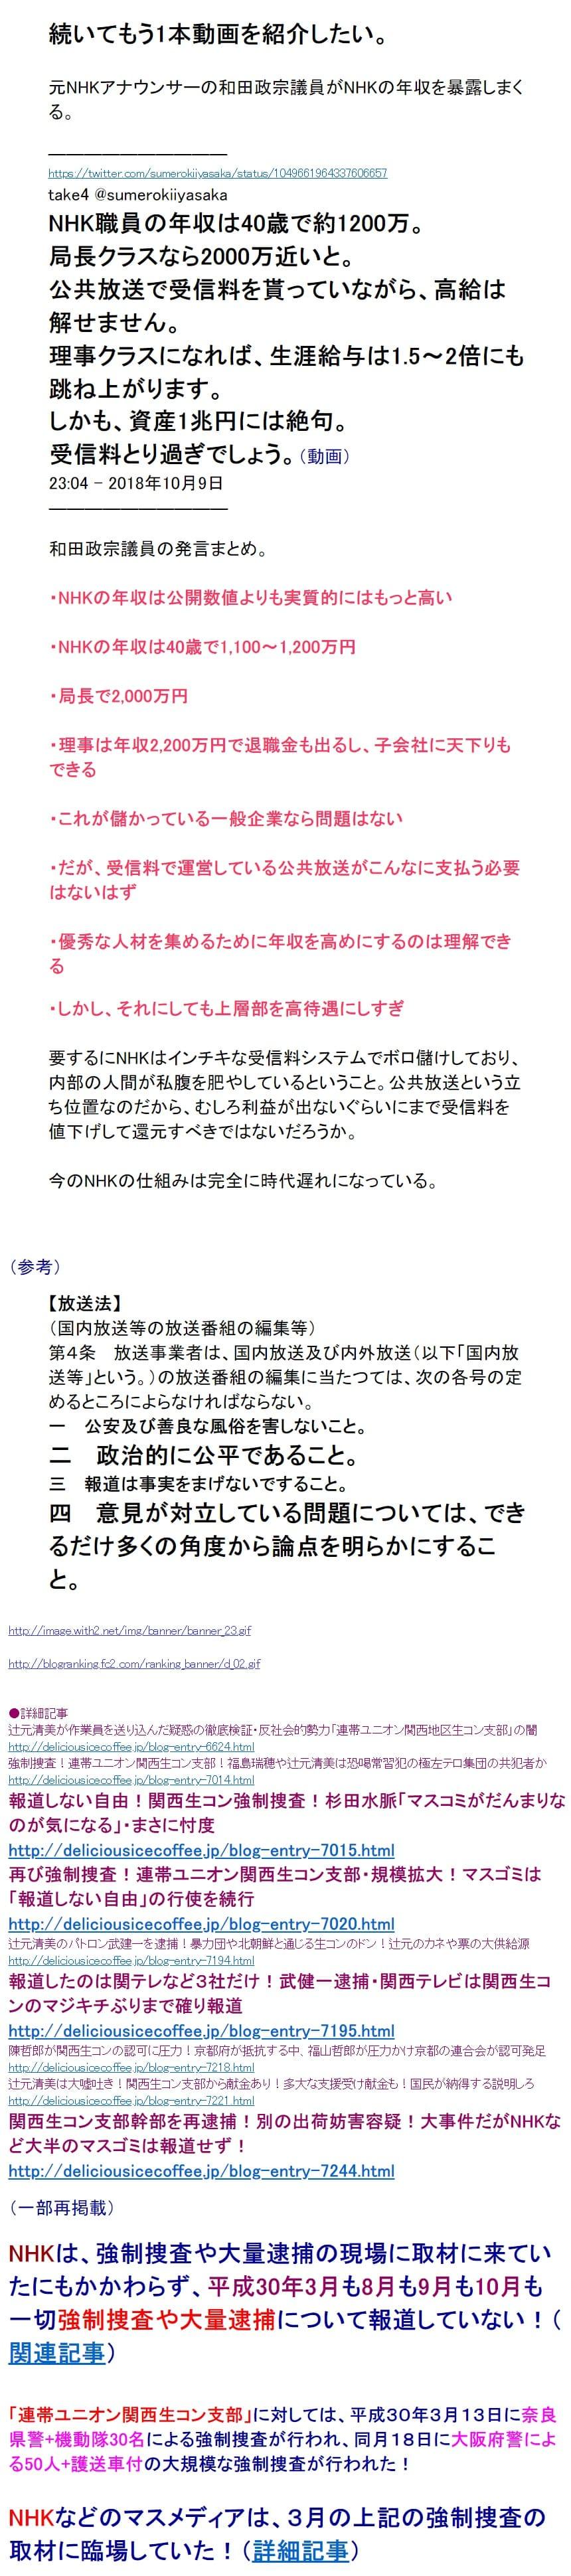 NHKは関西生コン逮捕を報道せず2 (1)